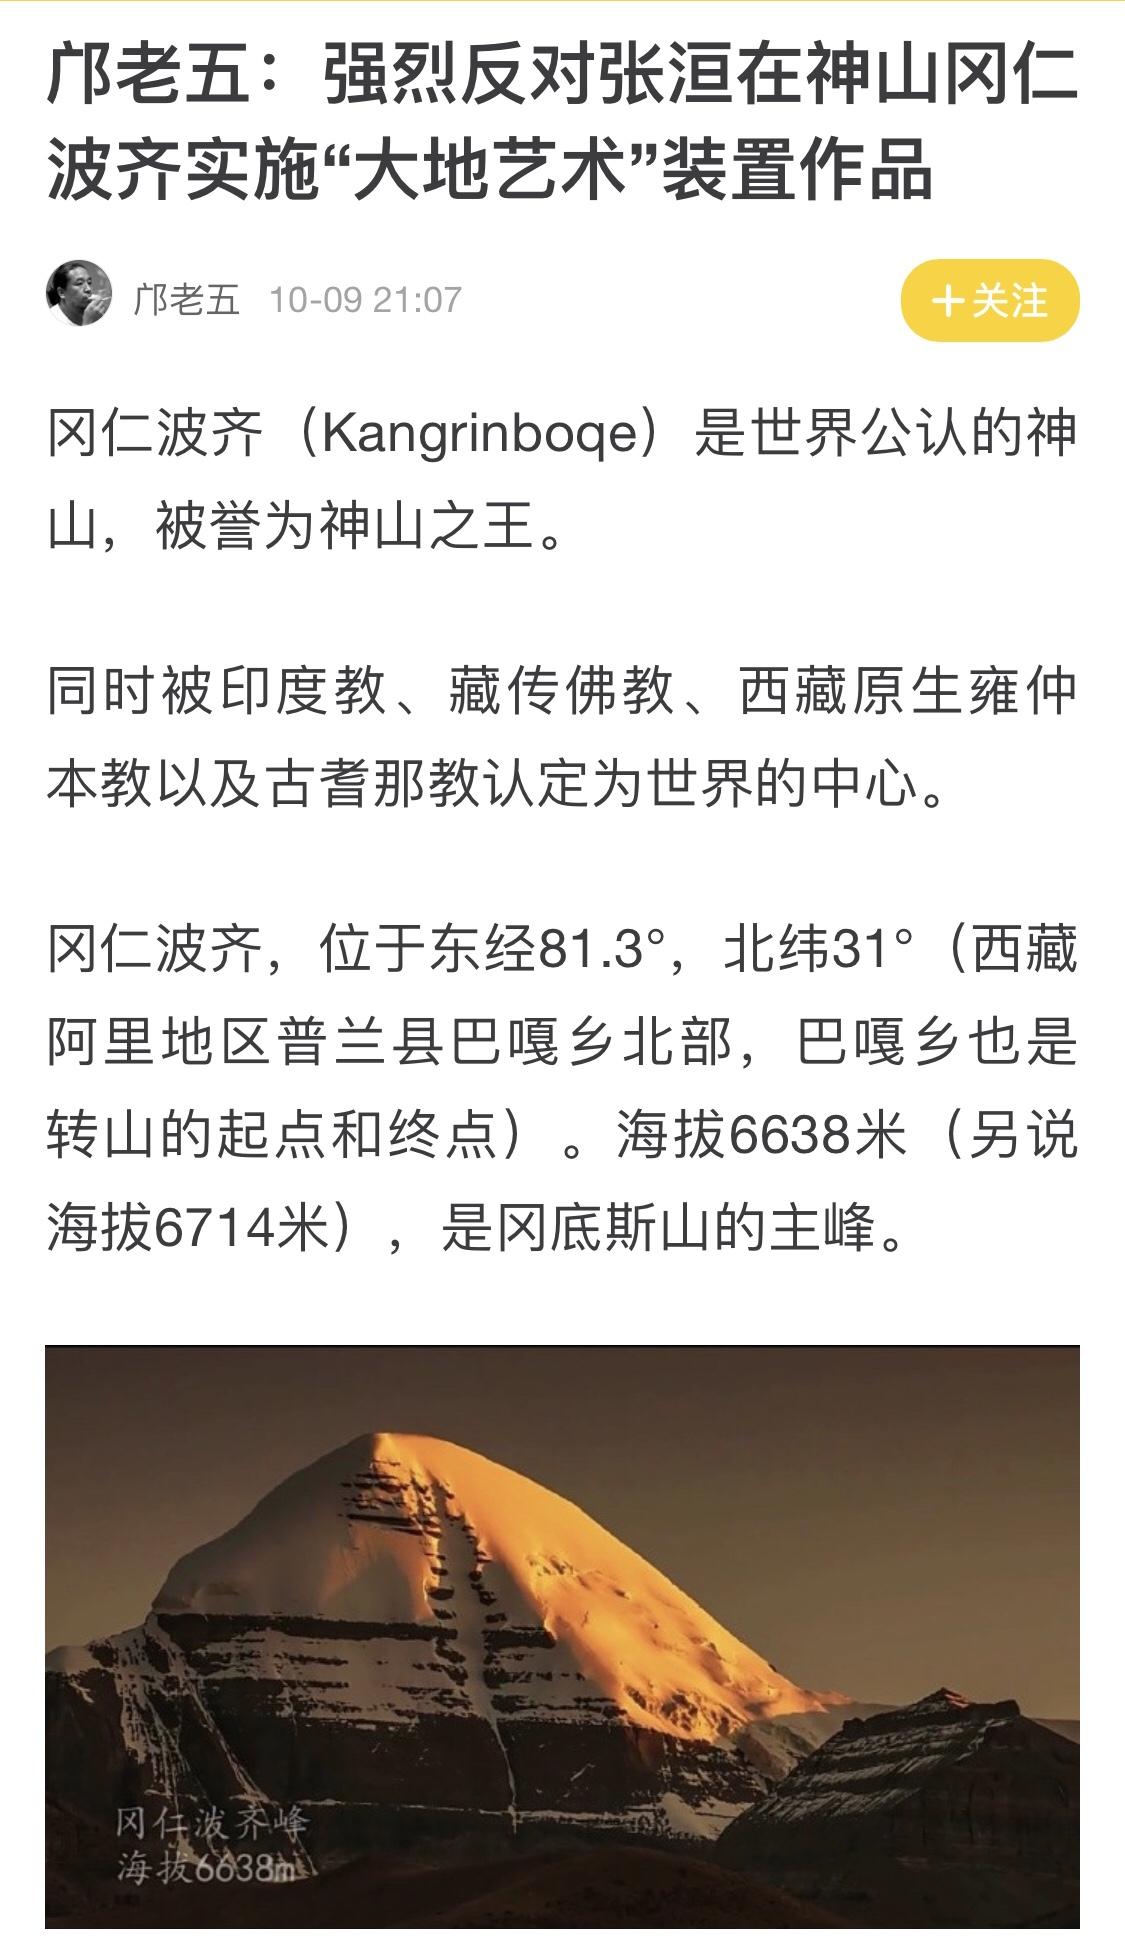 藏人藝術家鄺老五在新浪微博發帖。但目前這個帖子已經看不到。(Public Domain)